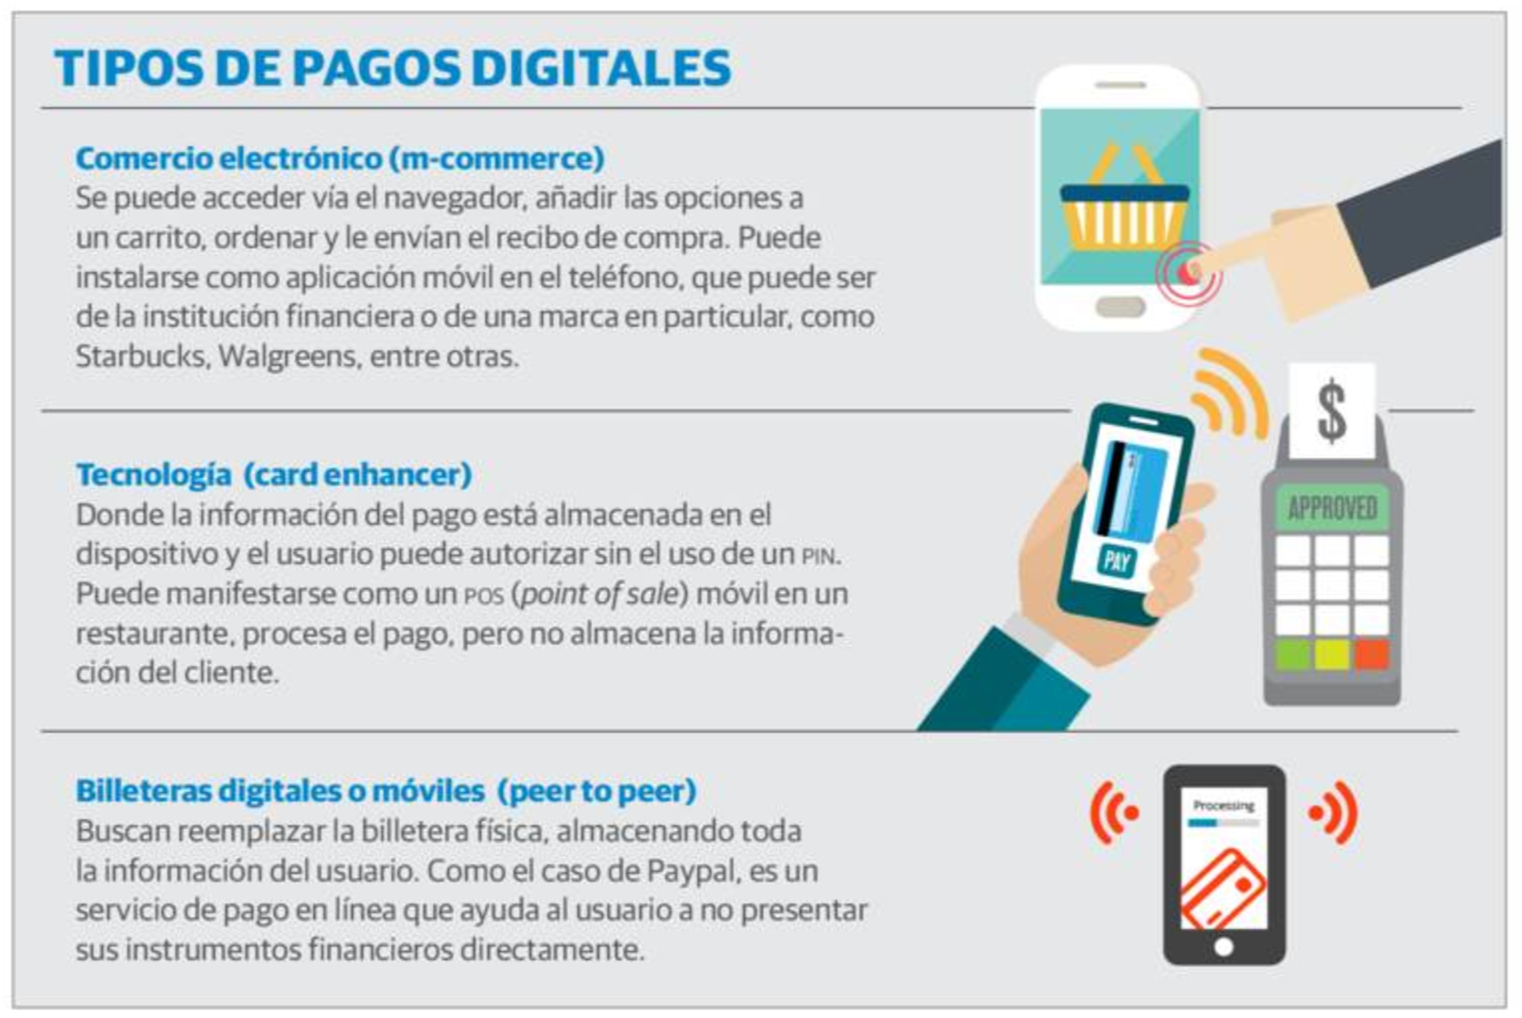 Categorización de los tipos de pagos móviles.